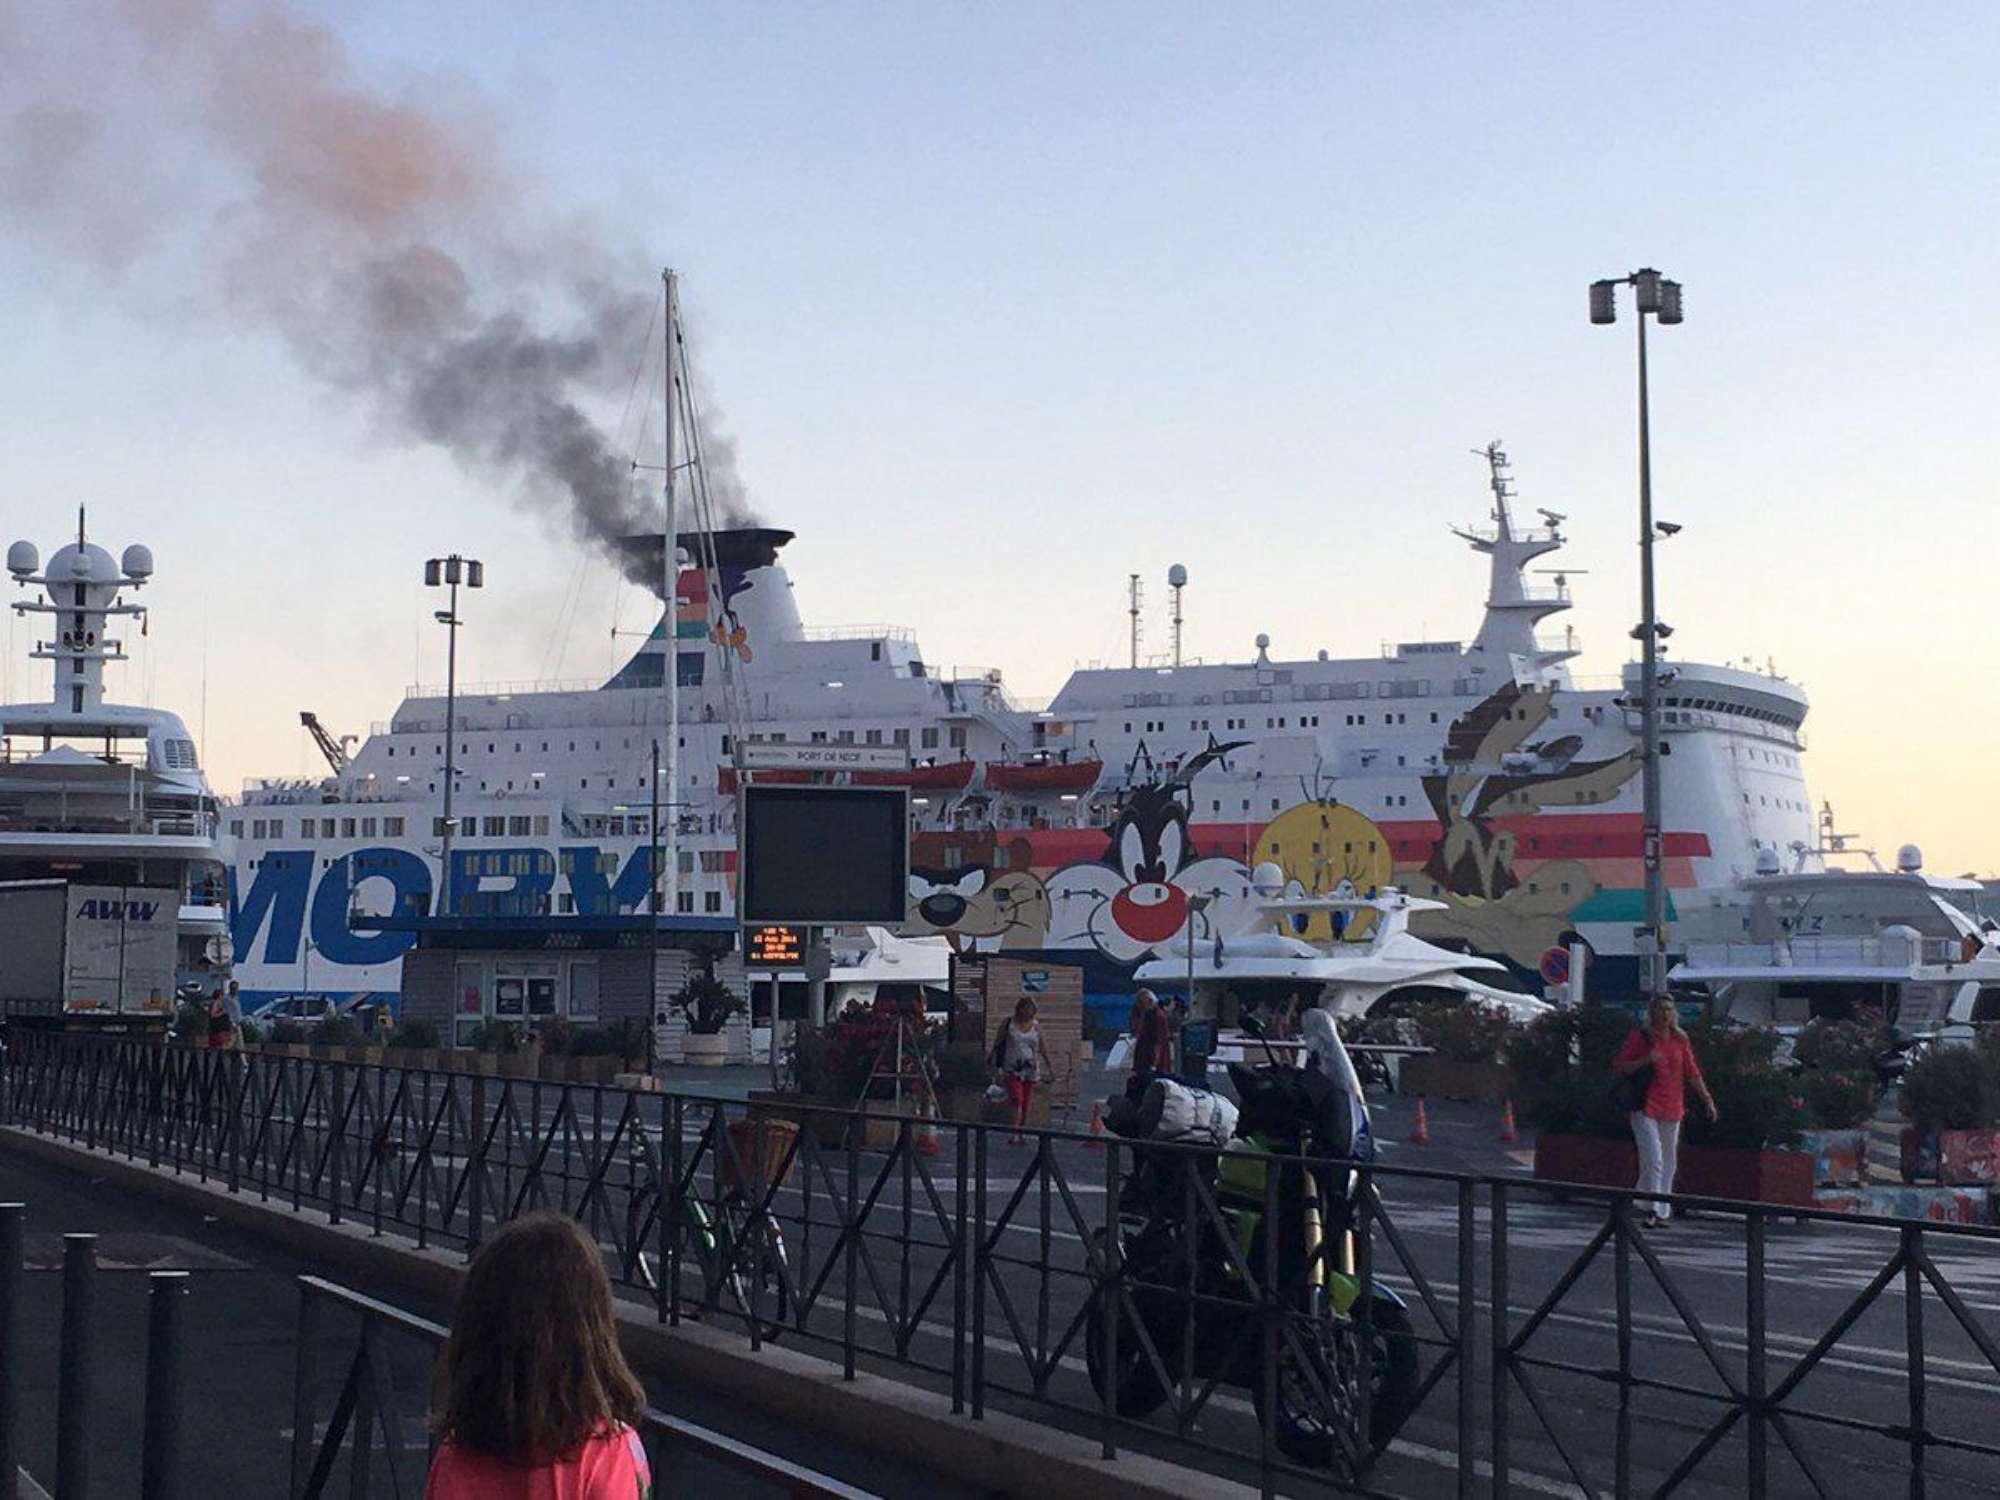 Nizza incendio su una nave della Moby Lines fiamme in sala macchine ferito un membro dell equipaggio Tg 24